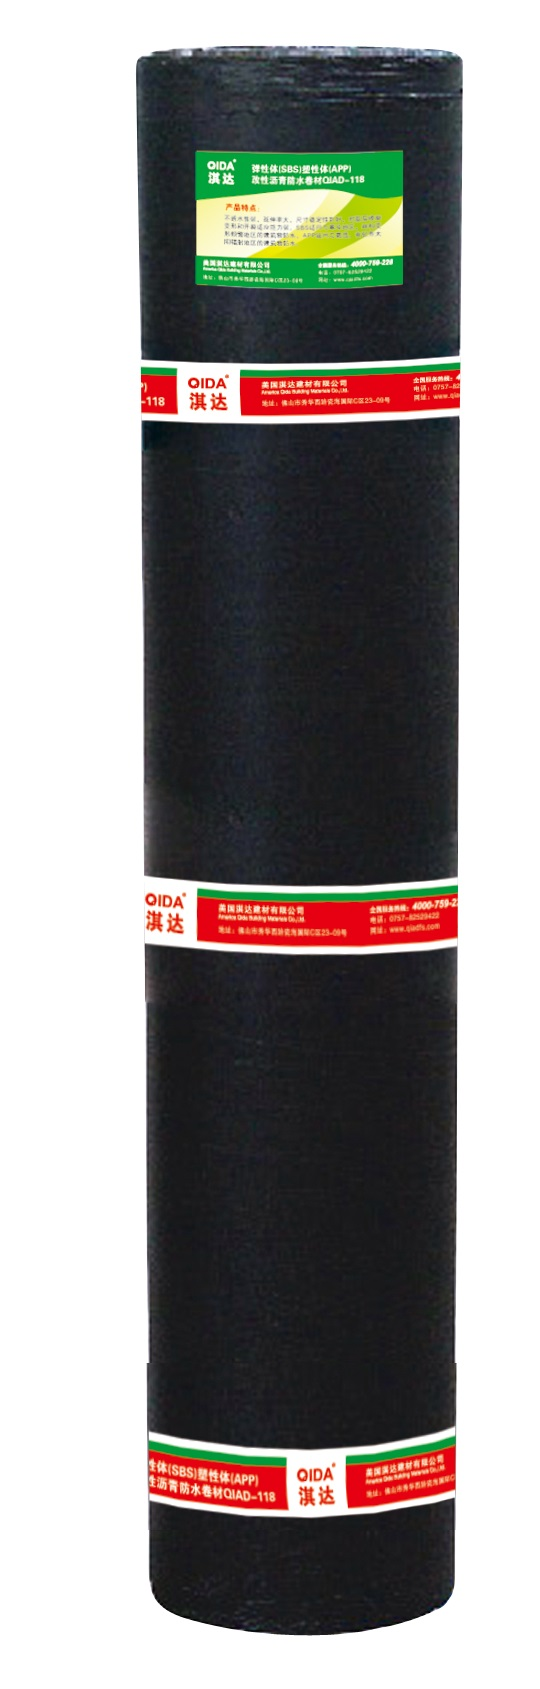 塑性体(APP)沥青防水卷材详细说明